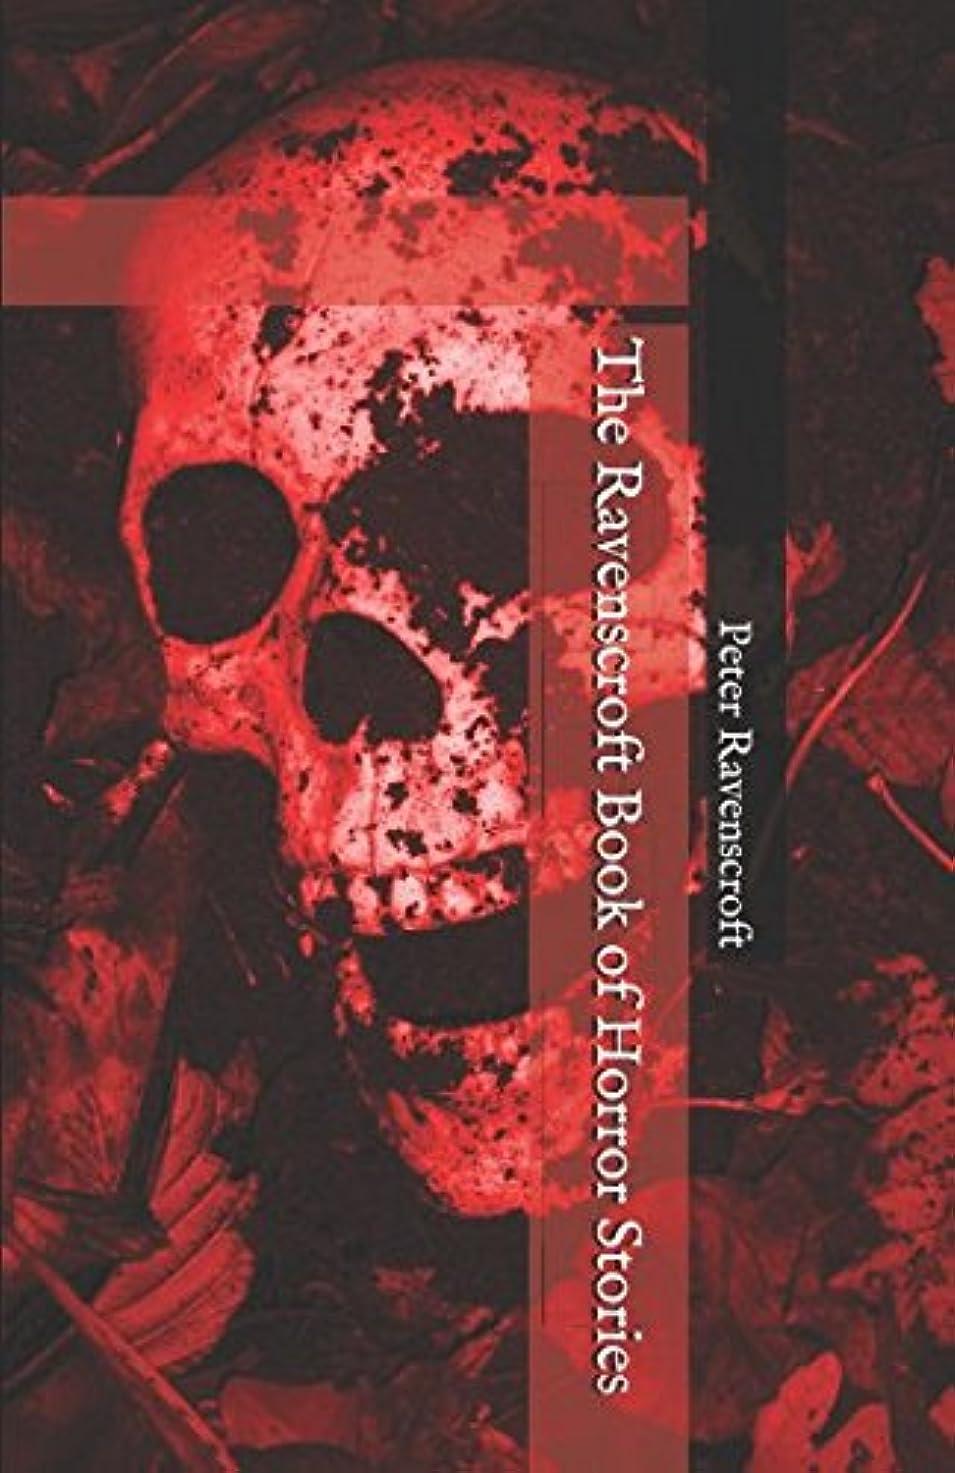 見つけるメアリアンジョーンズ遅いThe Ravenscroft Book of Horror Stories